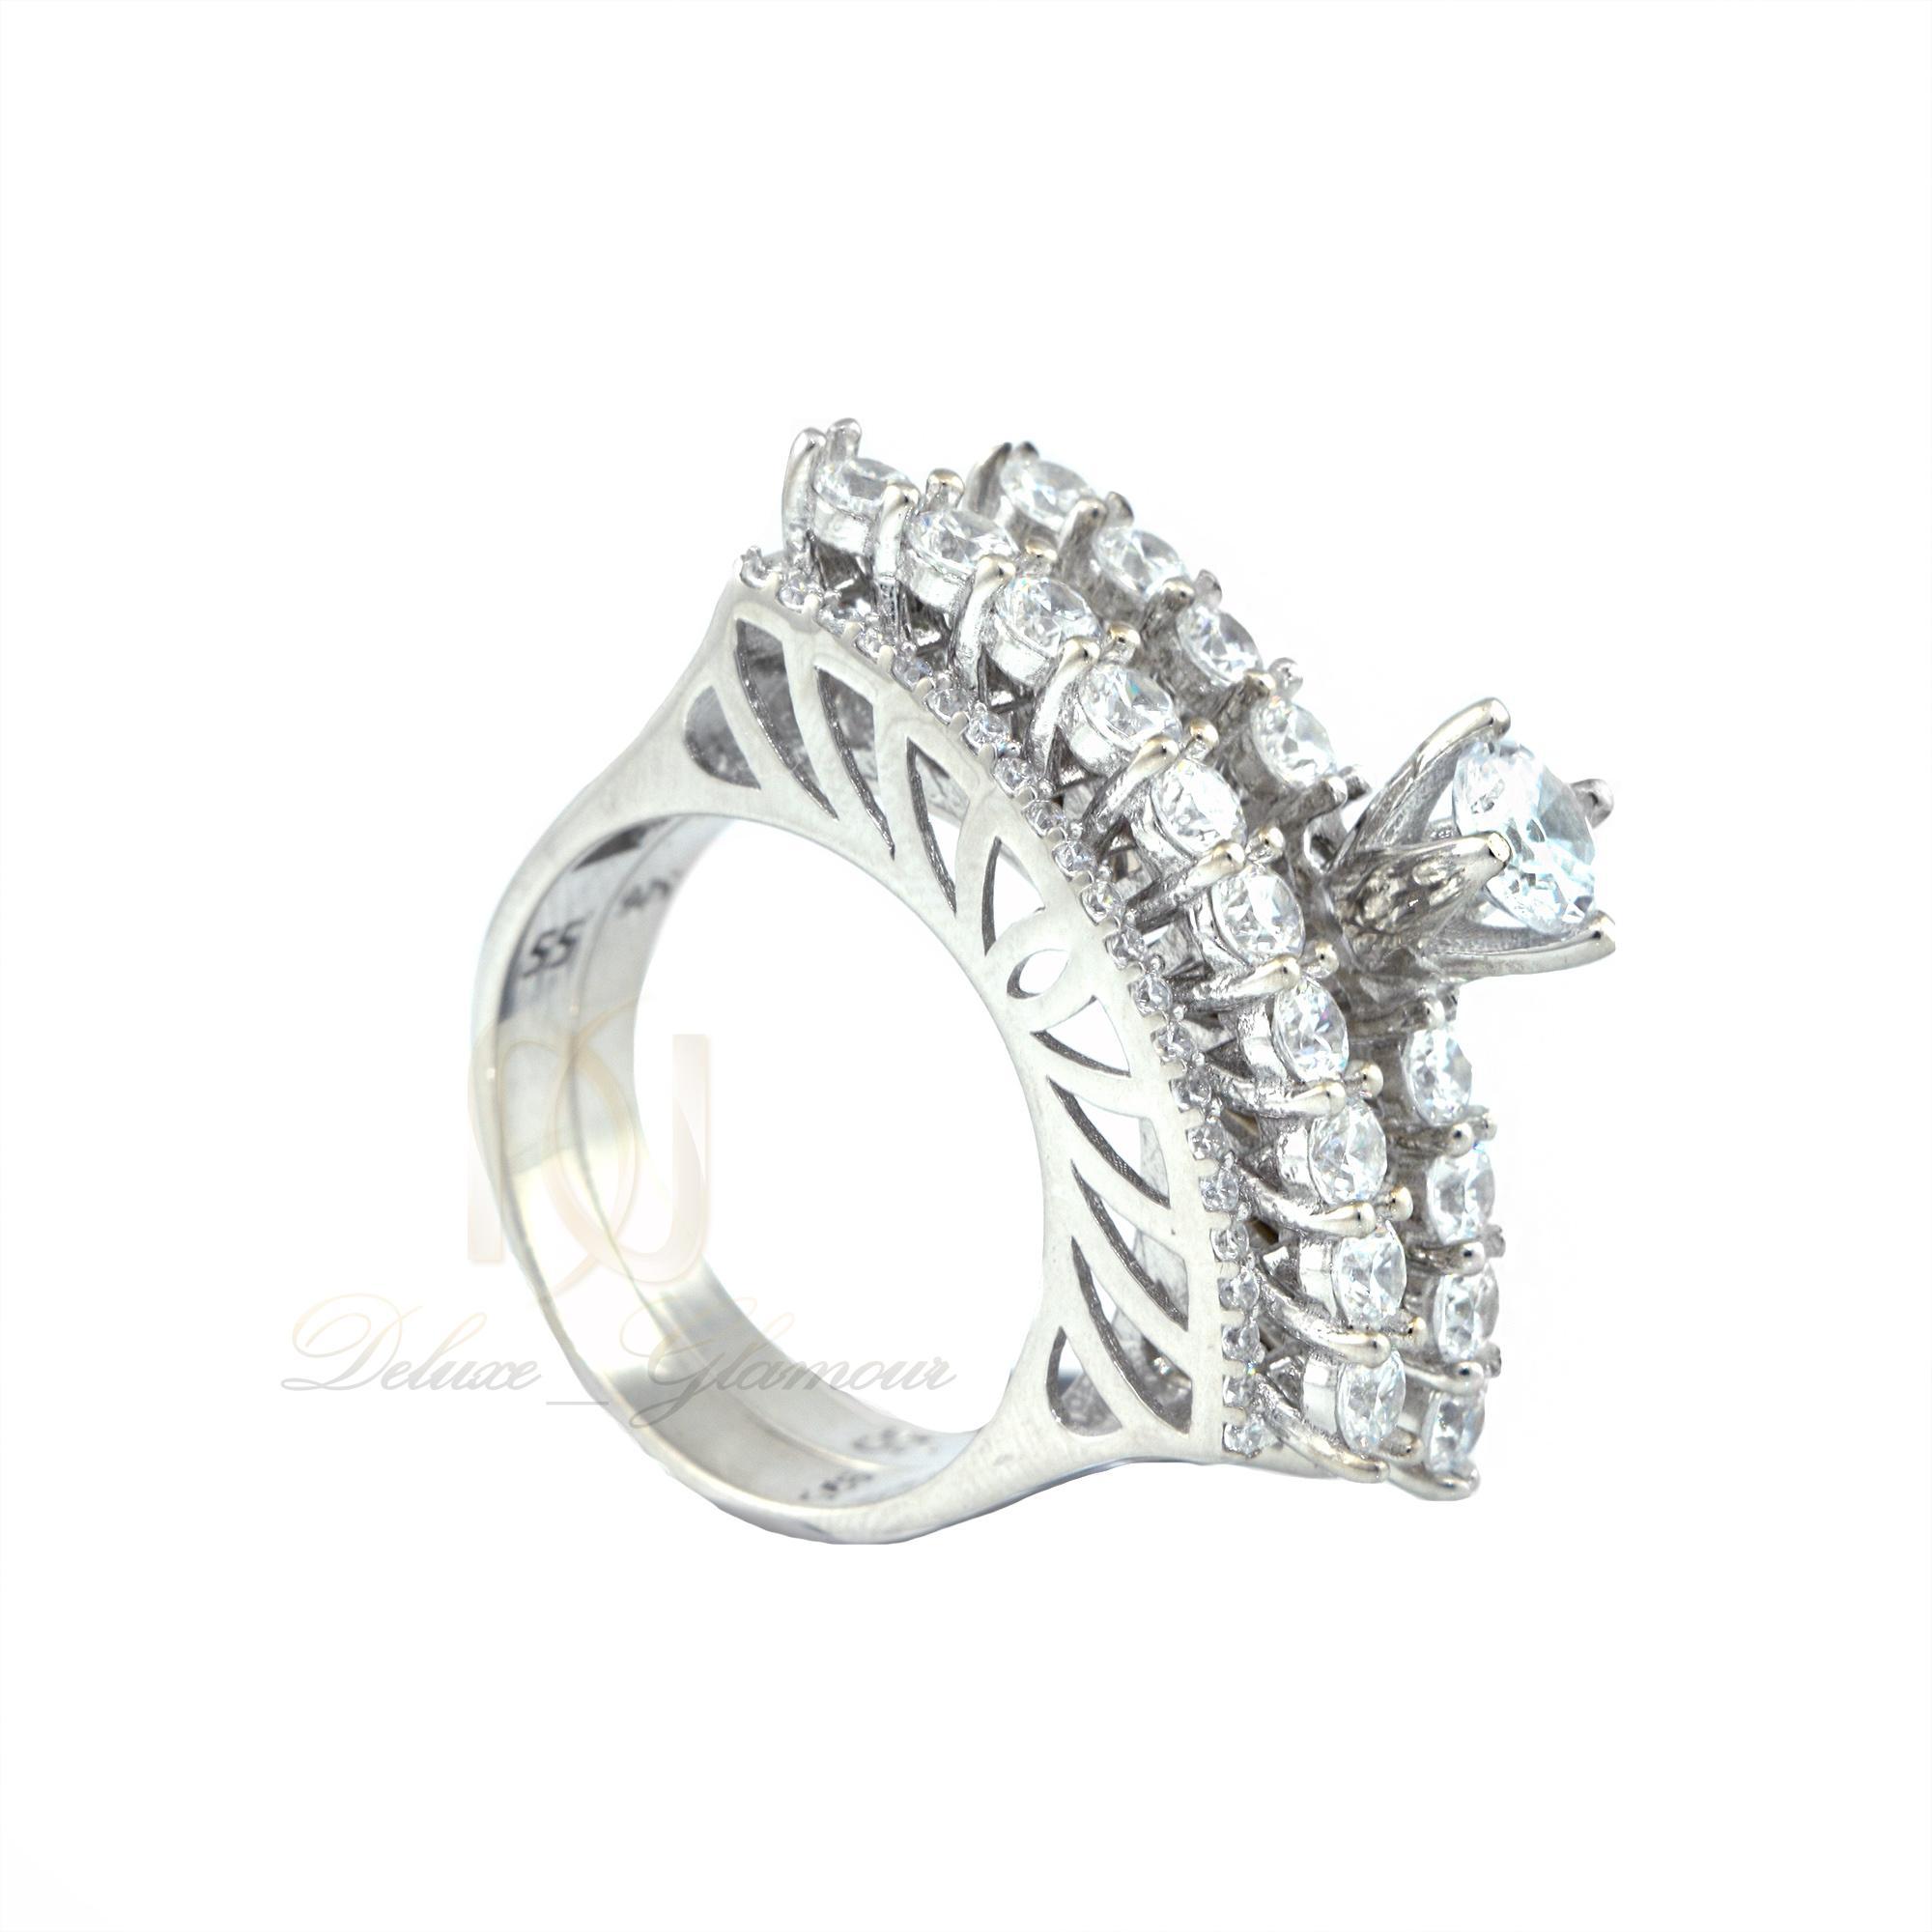 حلقه و پشت حلقه نقره دخترانه rg-n345 از نماي كنار